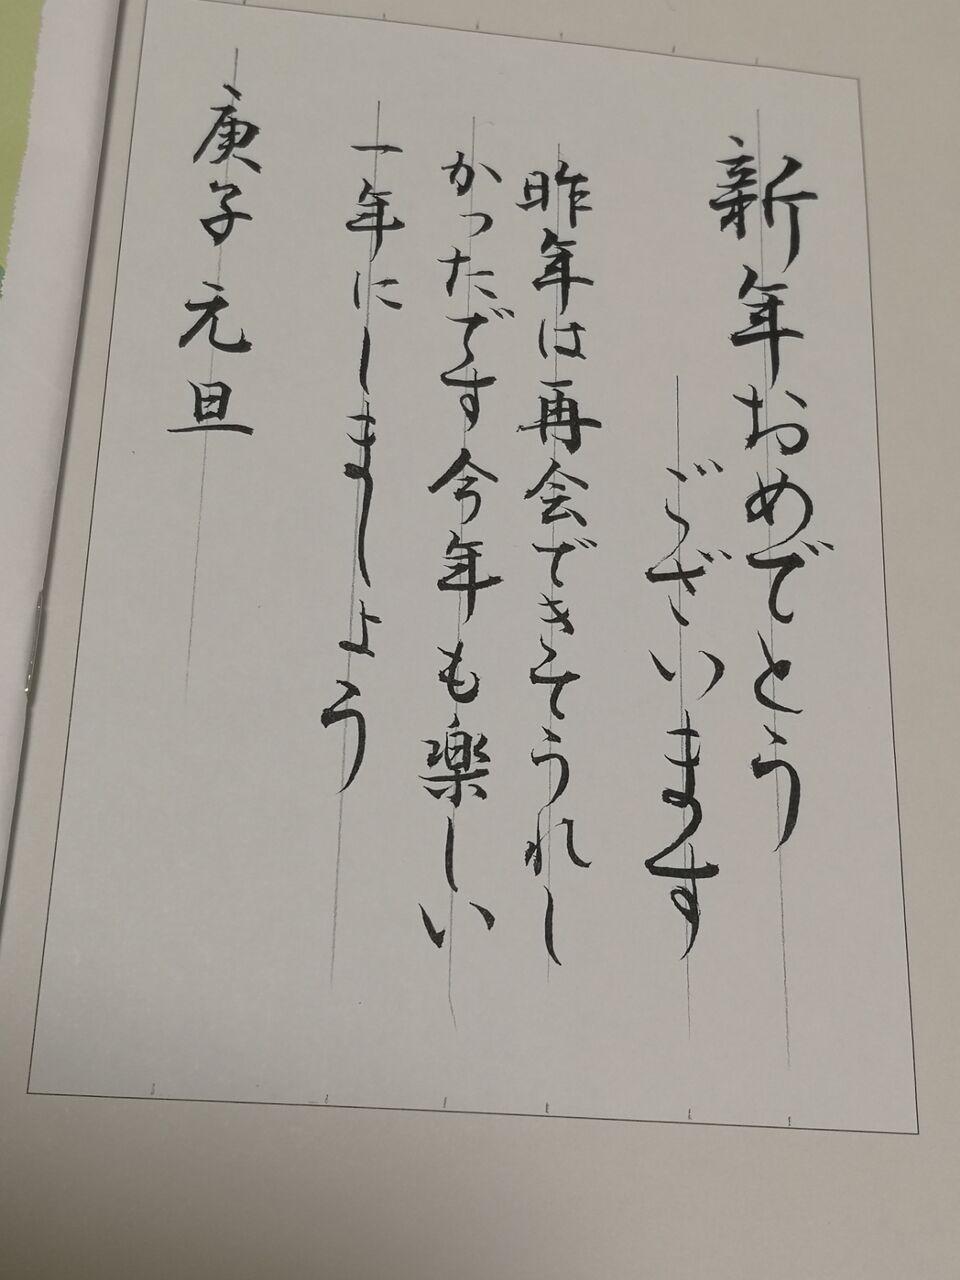 ネタバレ 青島 14 は 話 くん いじわる